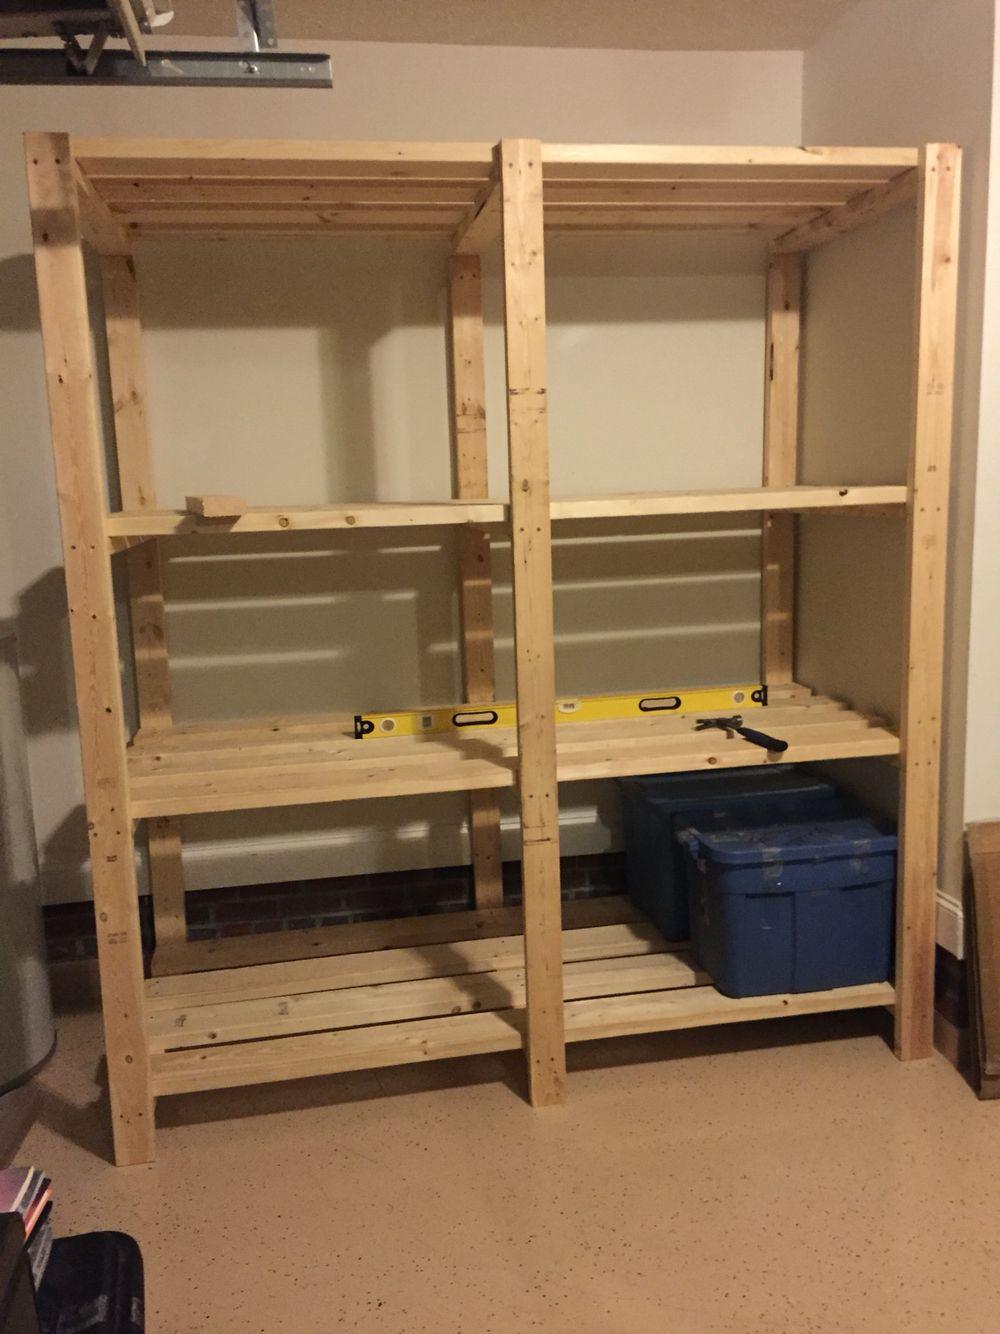 Diy Pallet Shelves For Garage - Sarofudin Blog